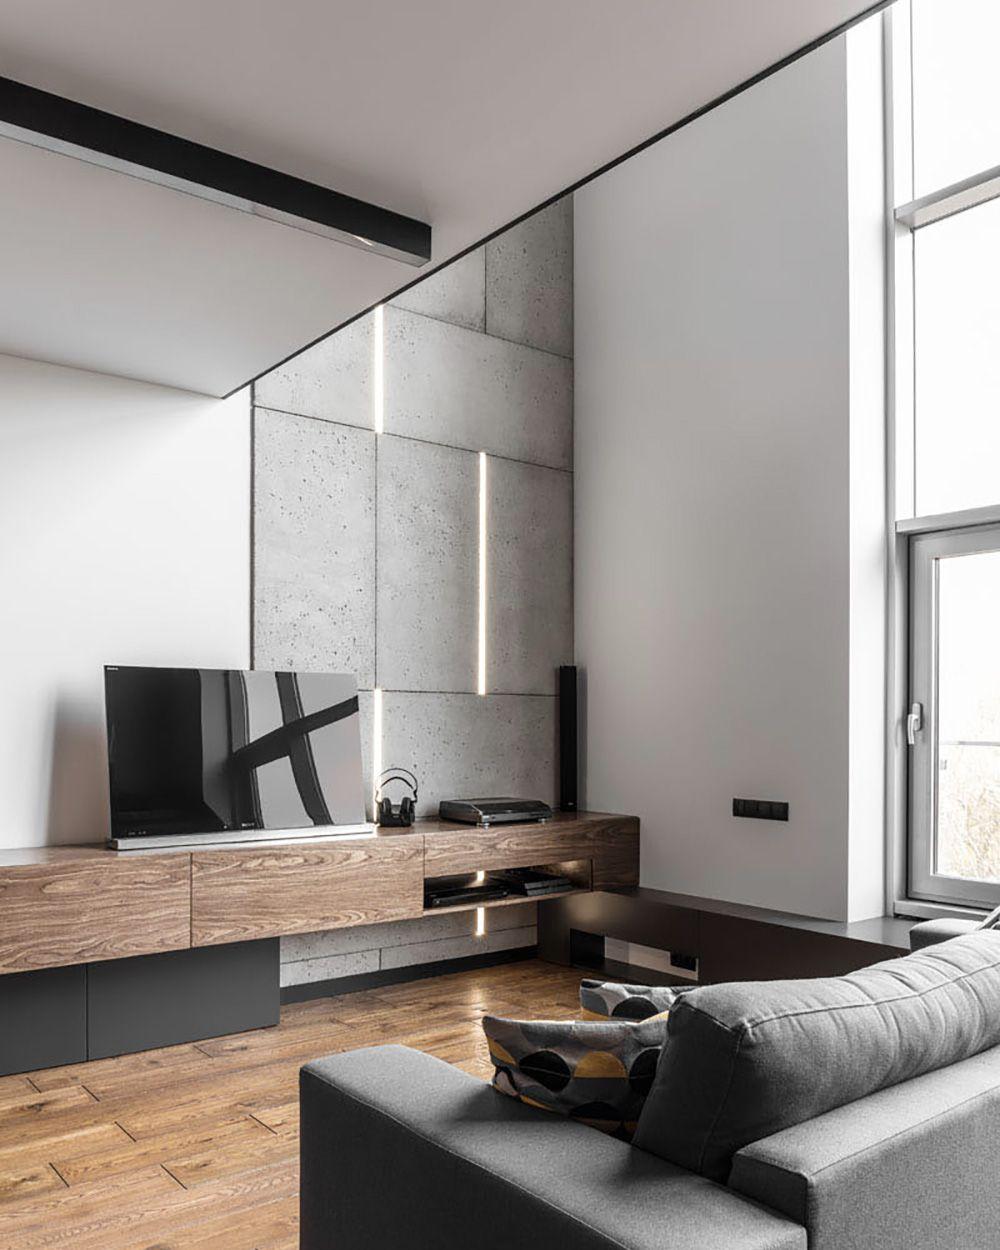 un loft mezzanine contemporain visite deco places pinterest et. Black Bedroom Furniture Sets. Home Design Ideas